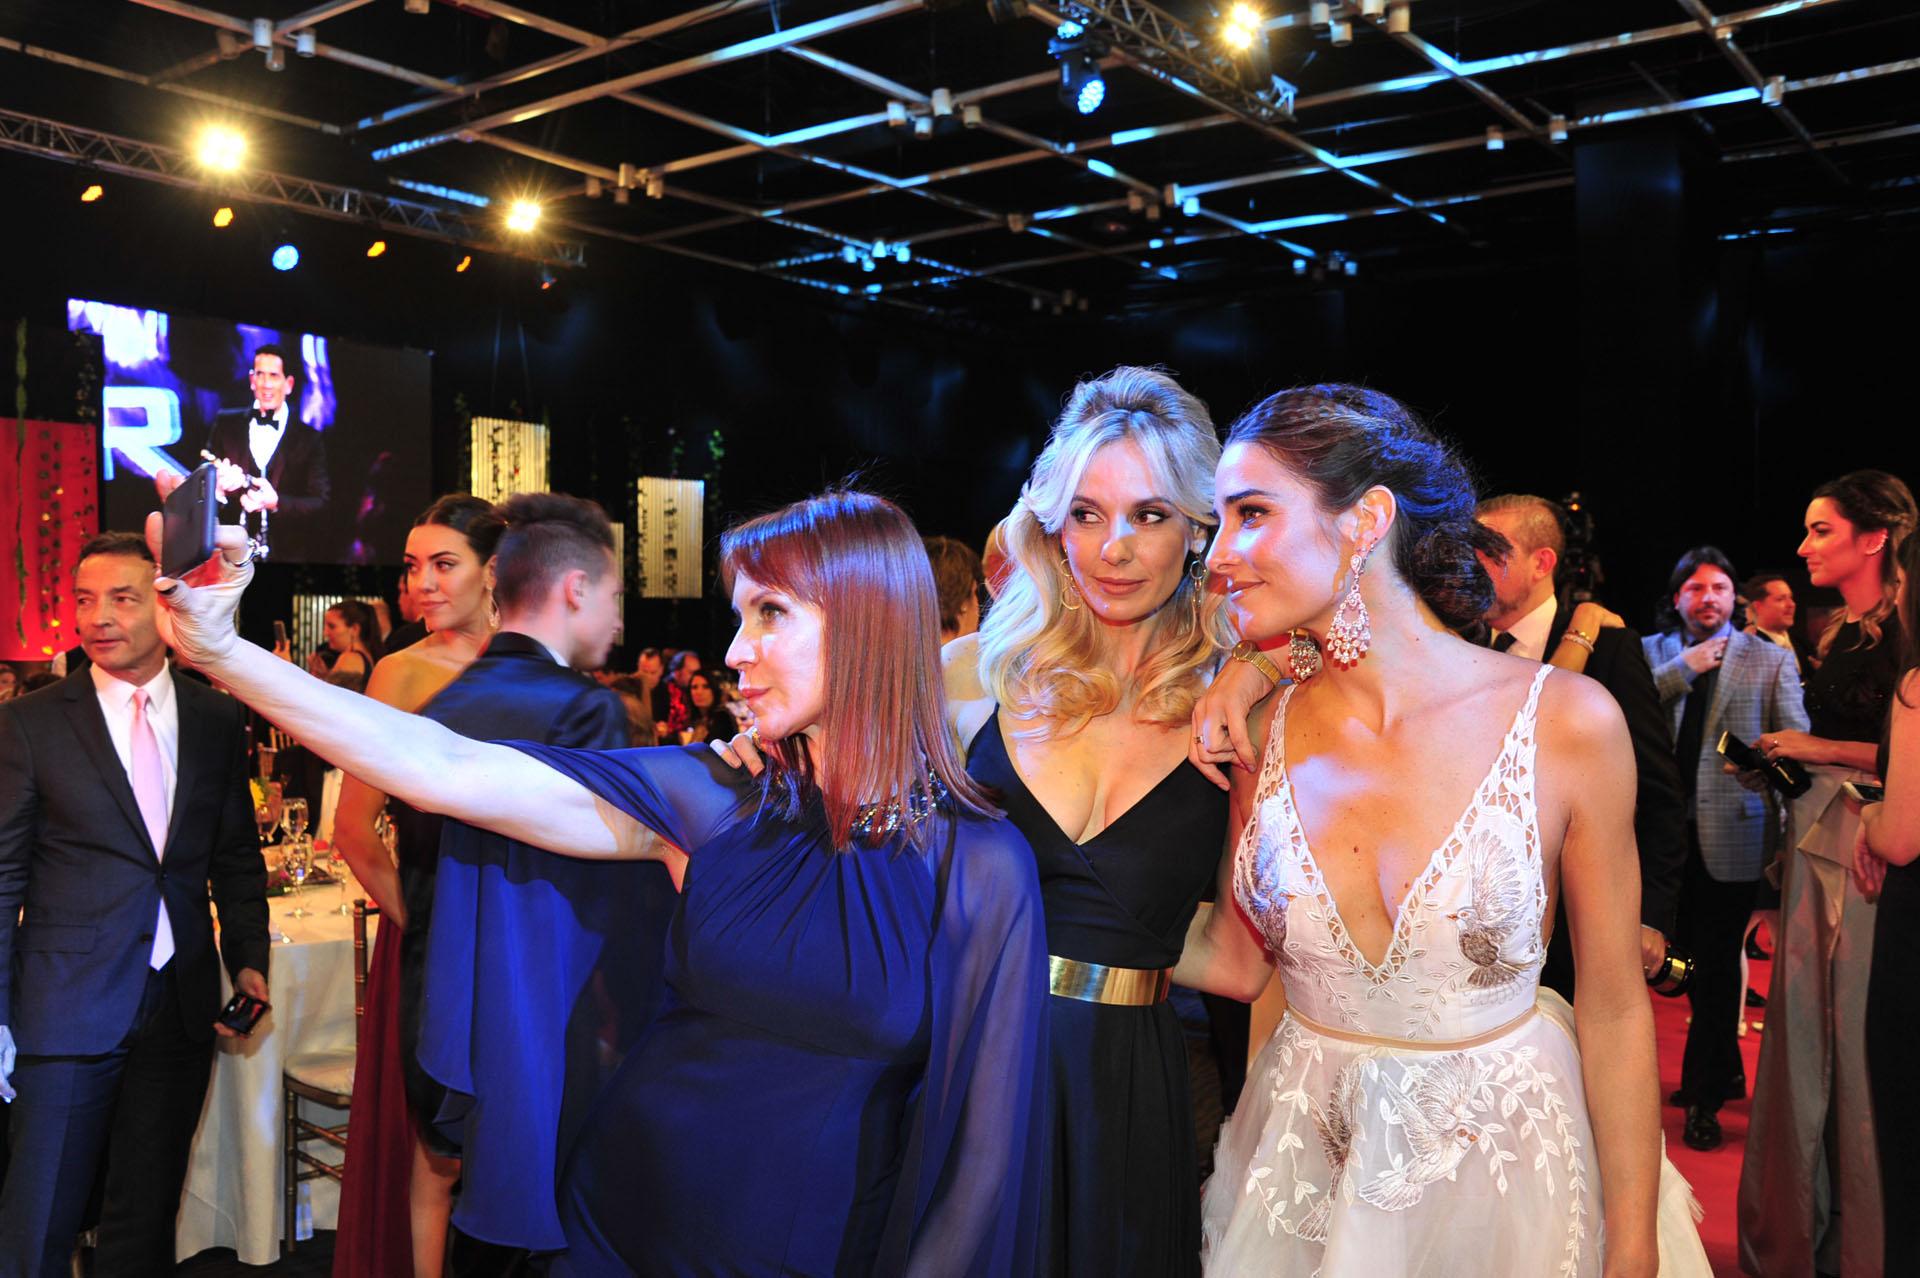 La selfie de Matilda Blanco, Julieta Cardinali y Juana Viale